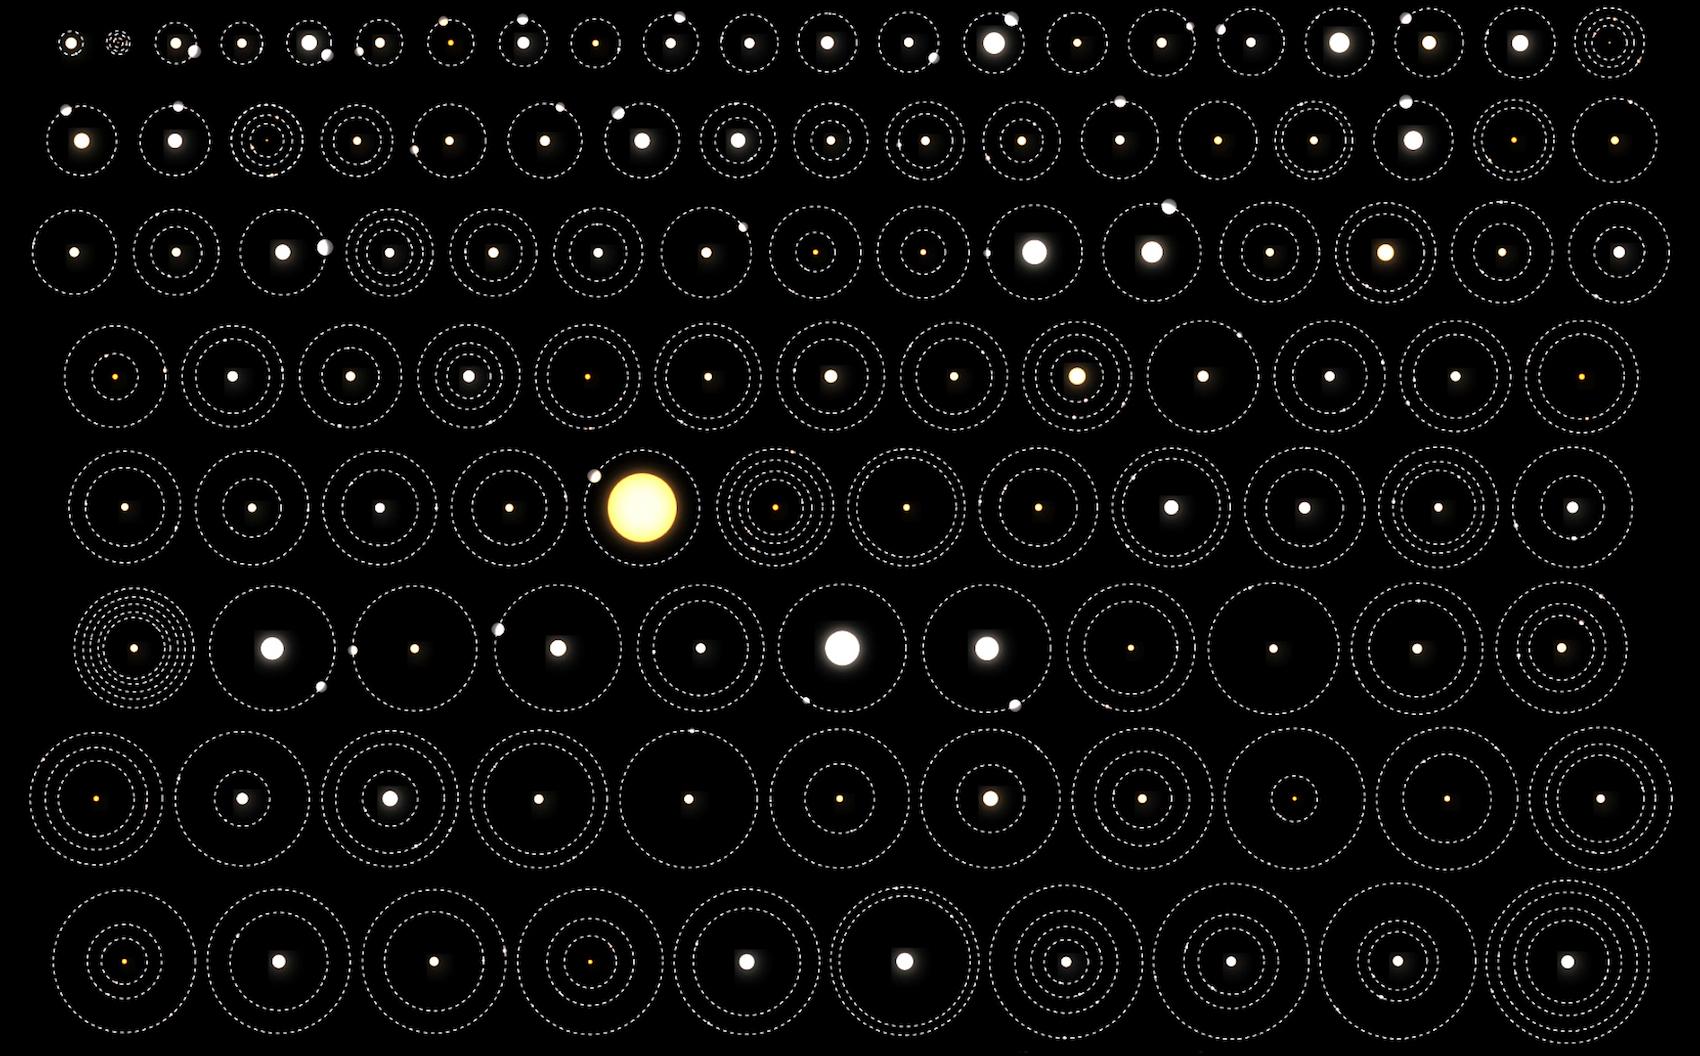 """Jonathan Corum, """"Kepler's Talley of Planets,"""" 2013-16"""